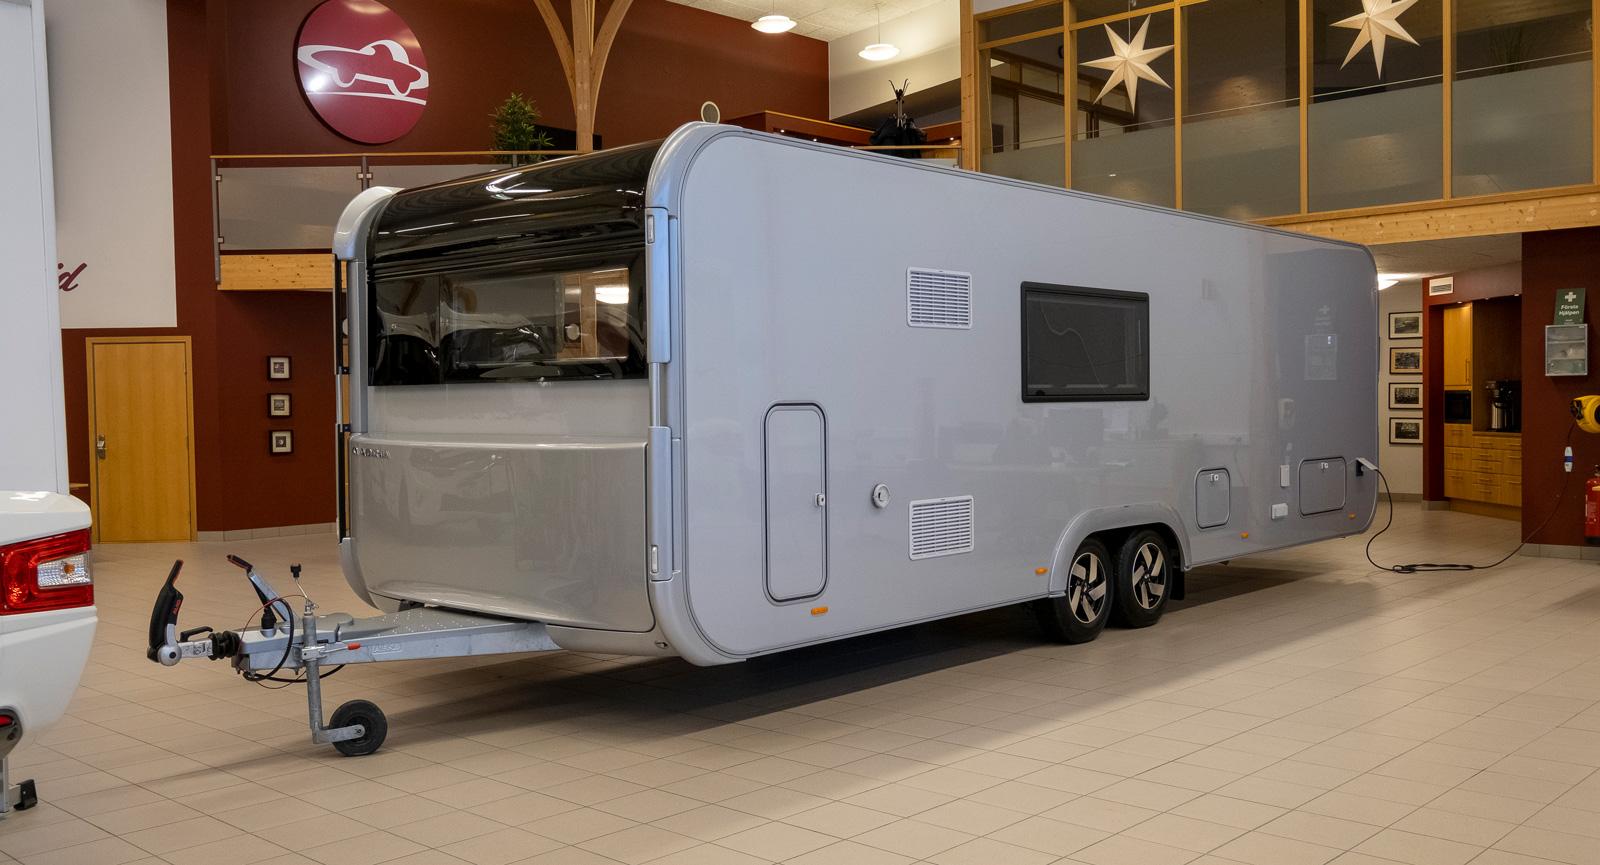 Vänstersidan av vagnen ser också modern ut även om den bara har ett svart fönster. Front utan gasolkoffert utanpå. Gasolen finns bakom luckan.